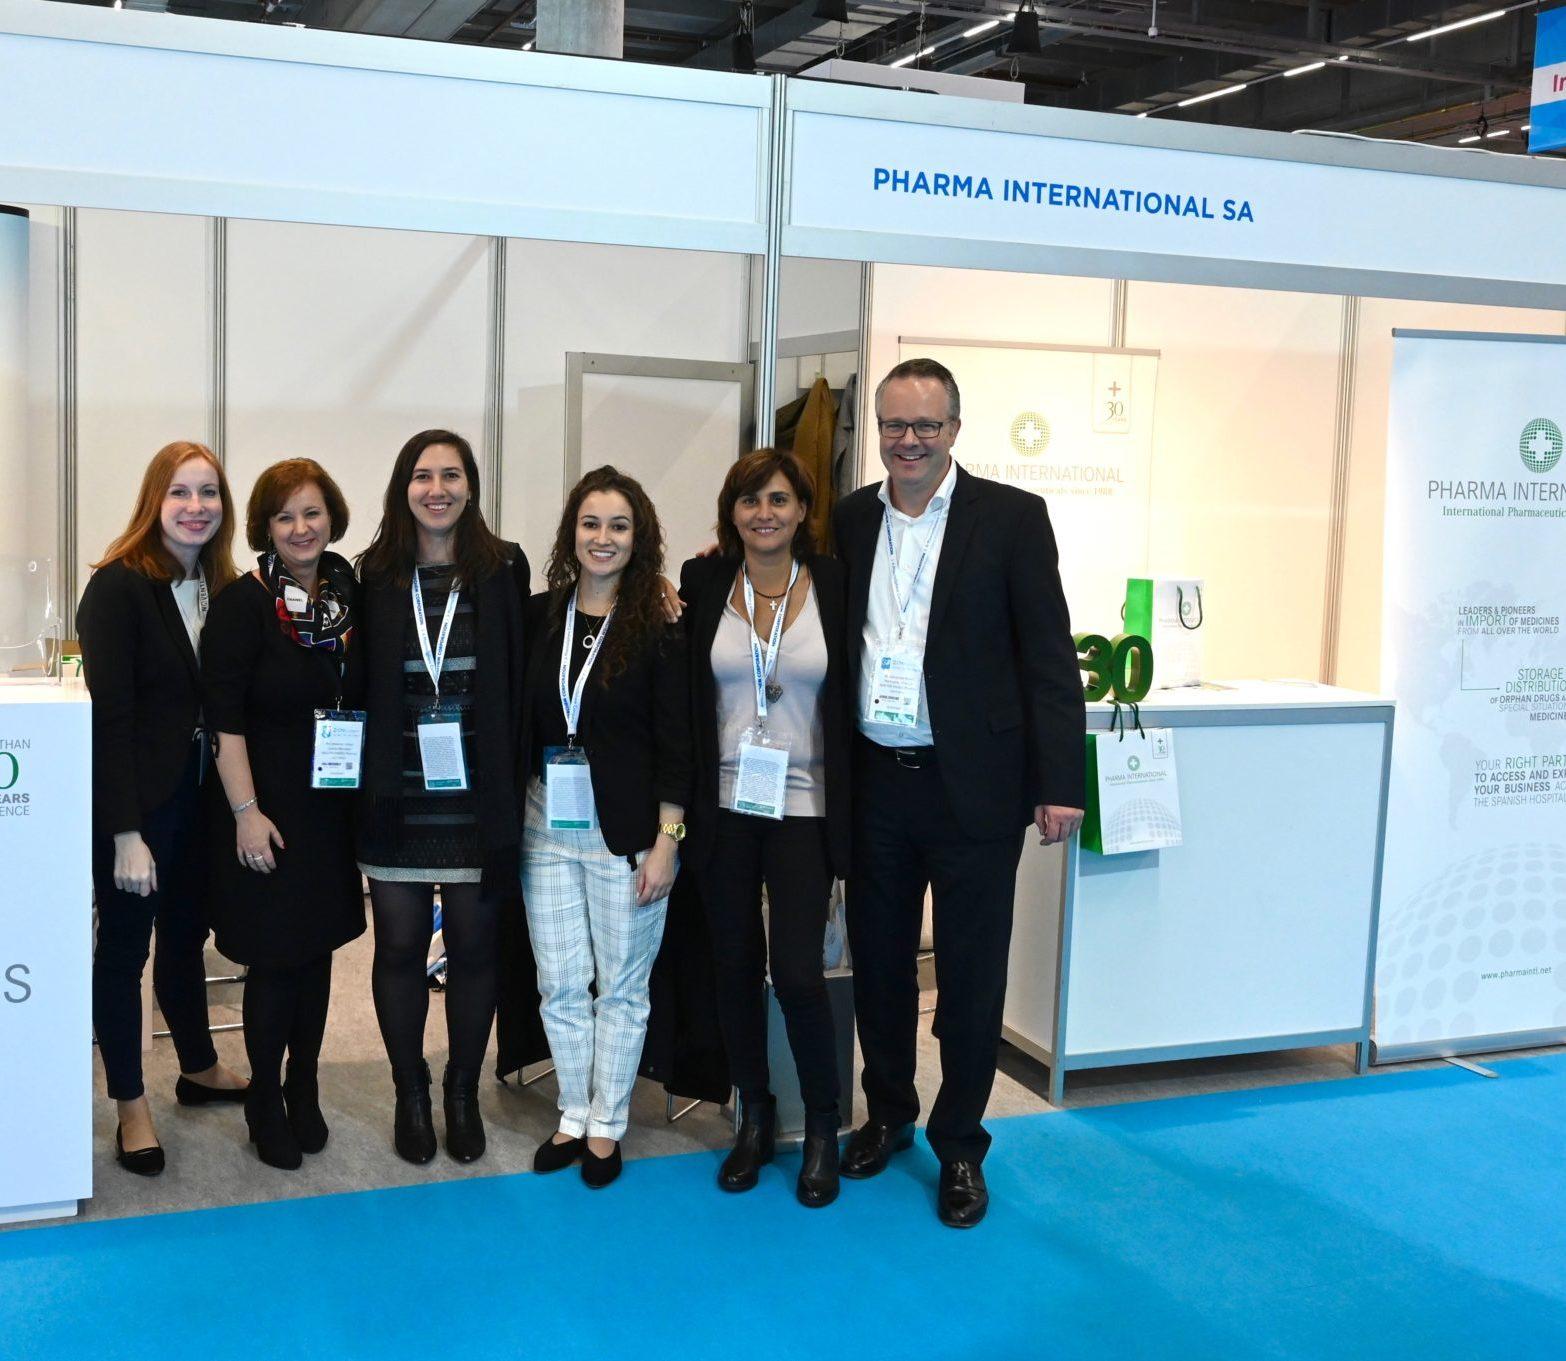 Nuestra Gerente, Sara Diez-Labajo acompañada de Lucía Castellano, farmacéutica de PHARMA y nuestro partner en Alemania, Alexander Kurth, de WALTER KREBS